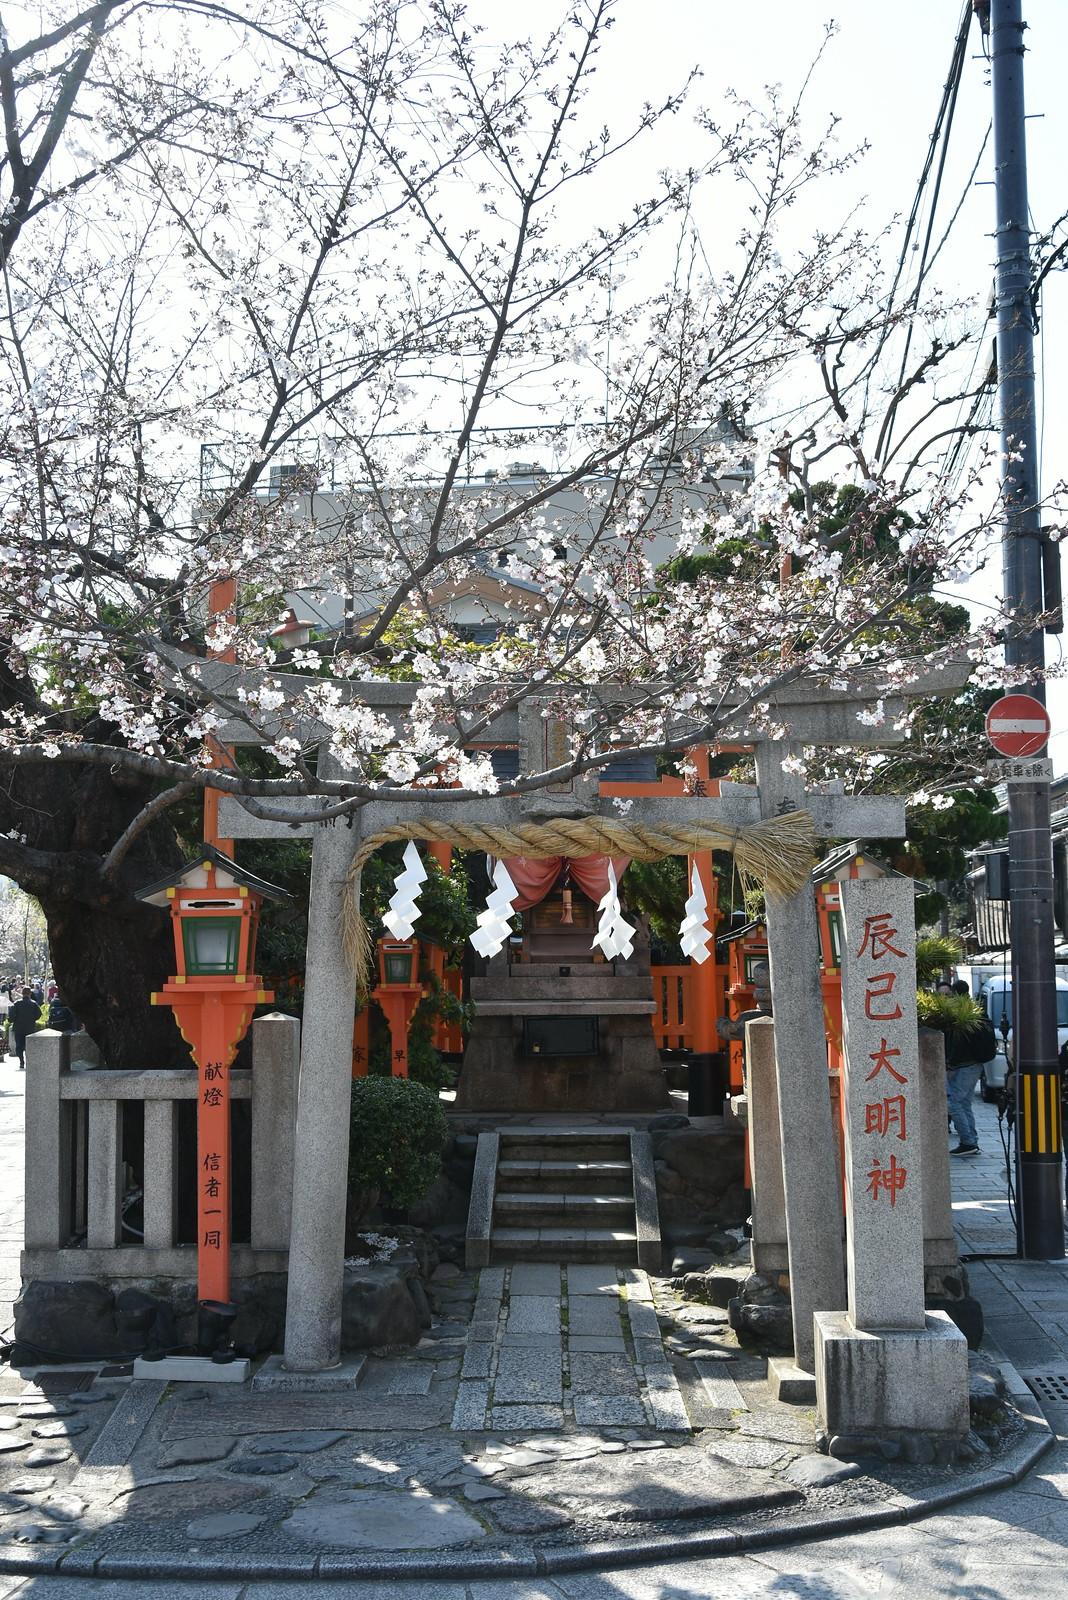 Shinbashi-dori